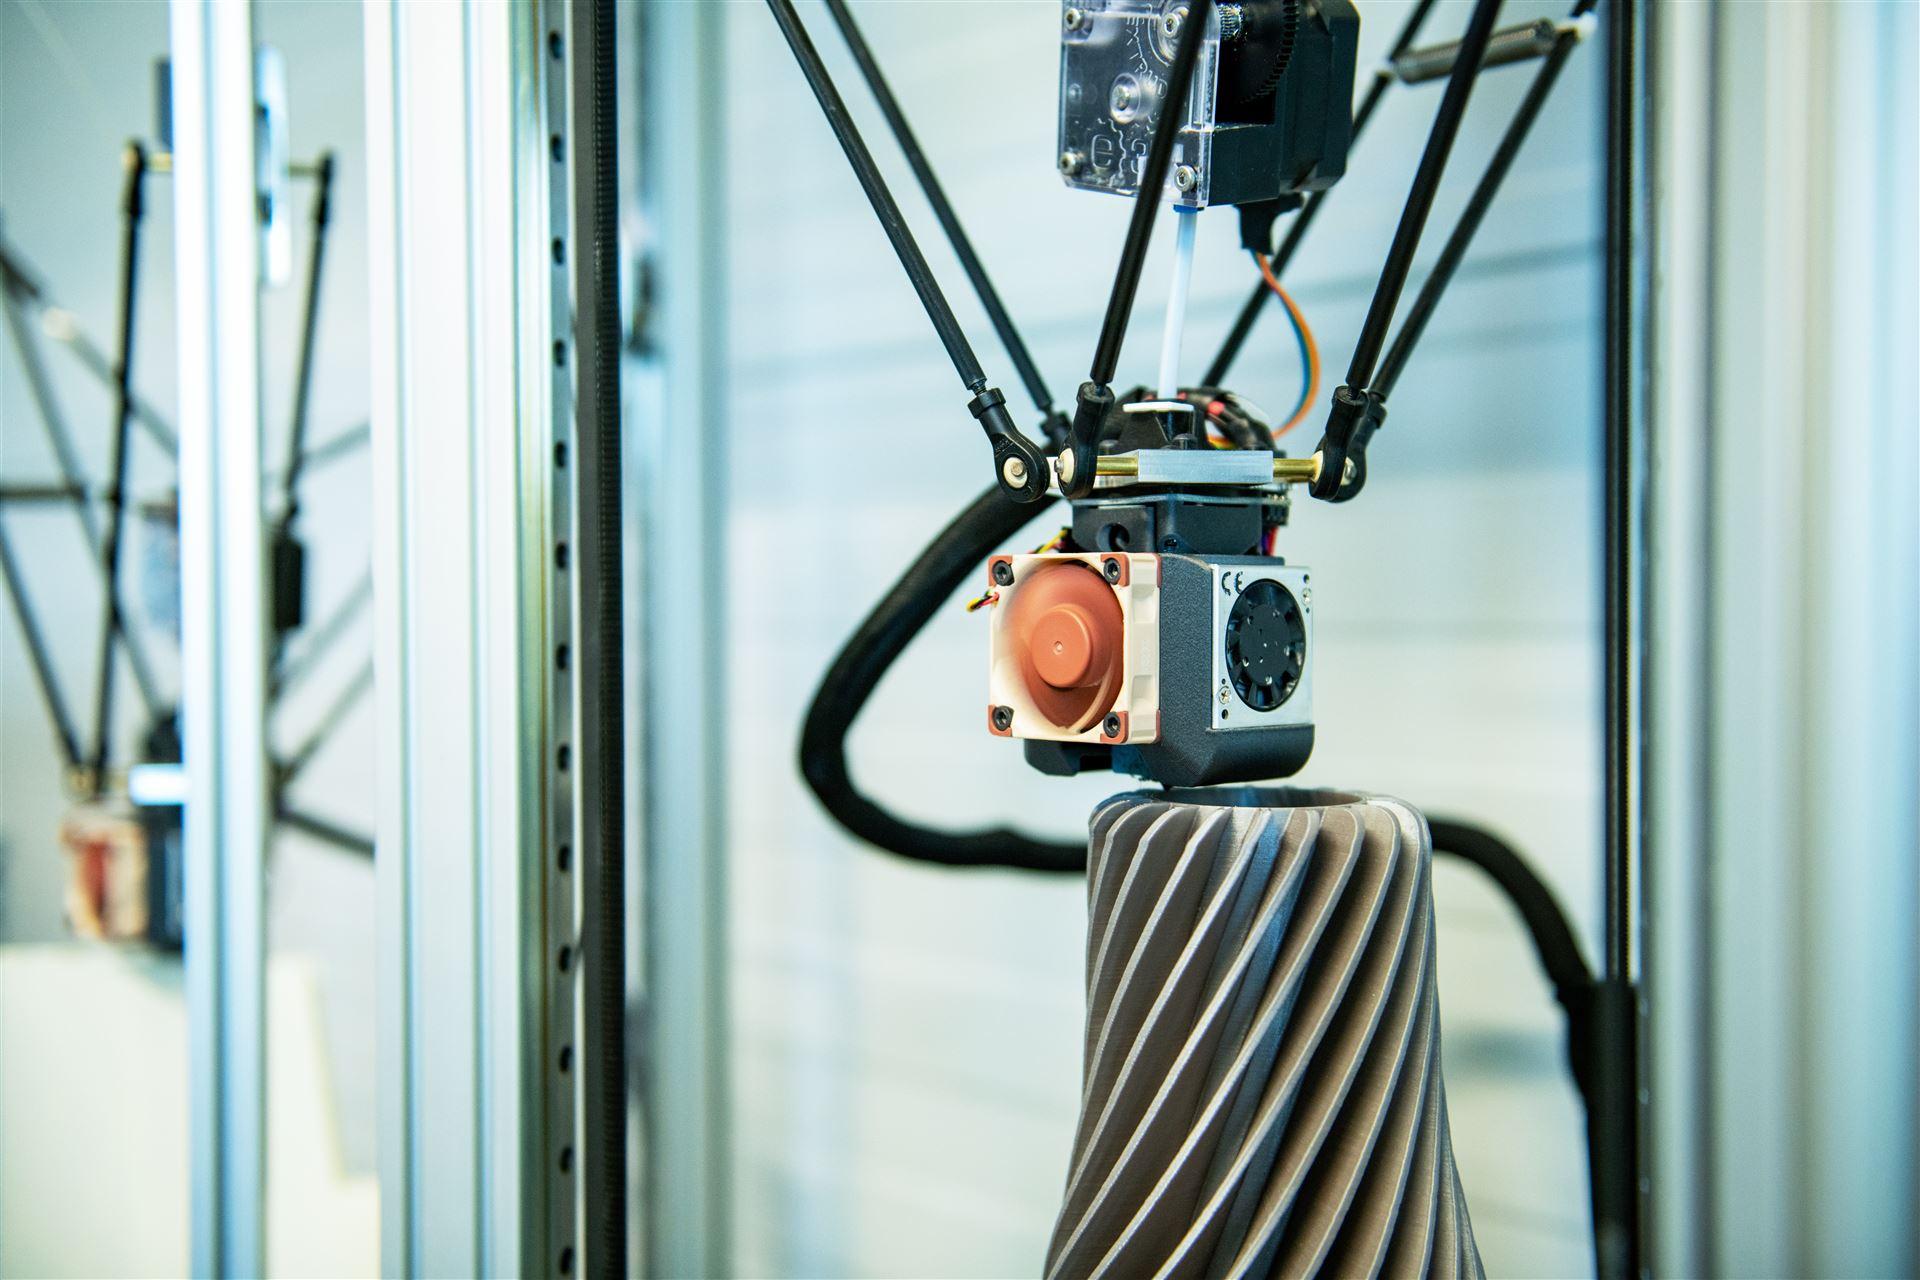 eigens hergestellte und hochgenaue 3D Drucker